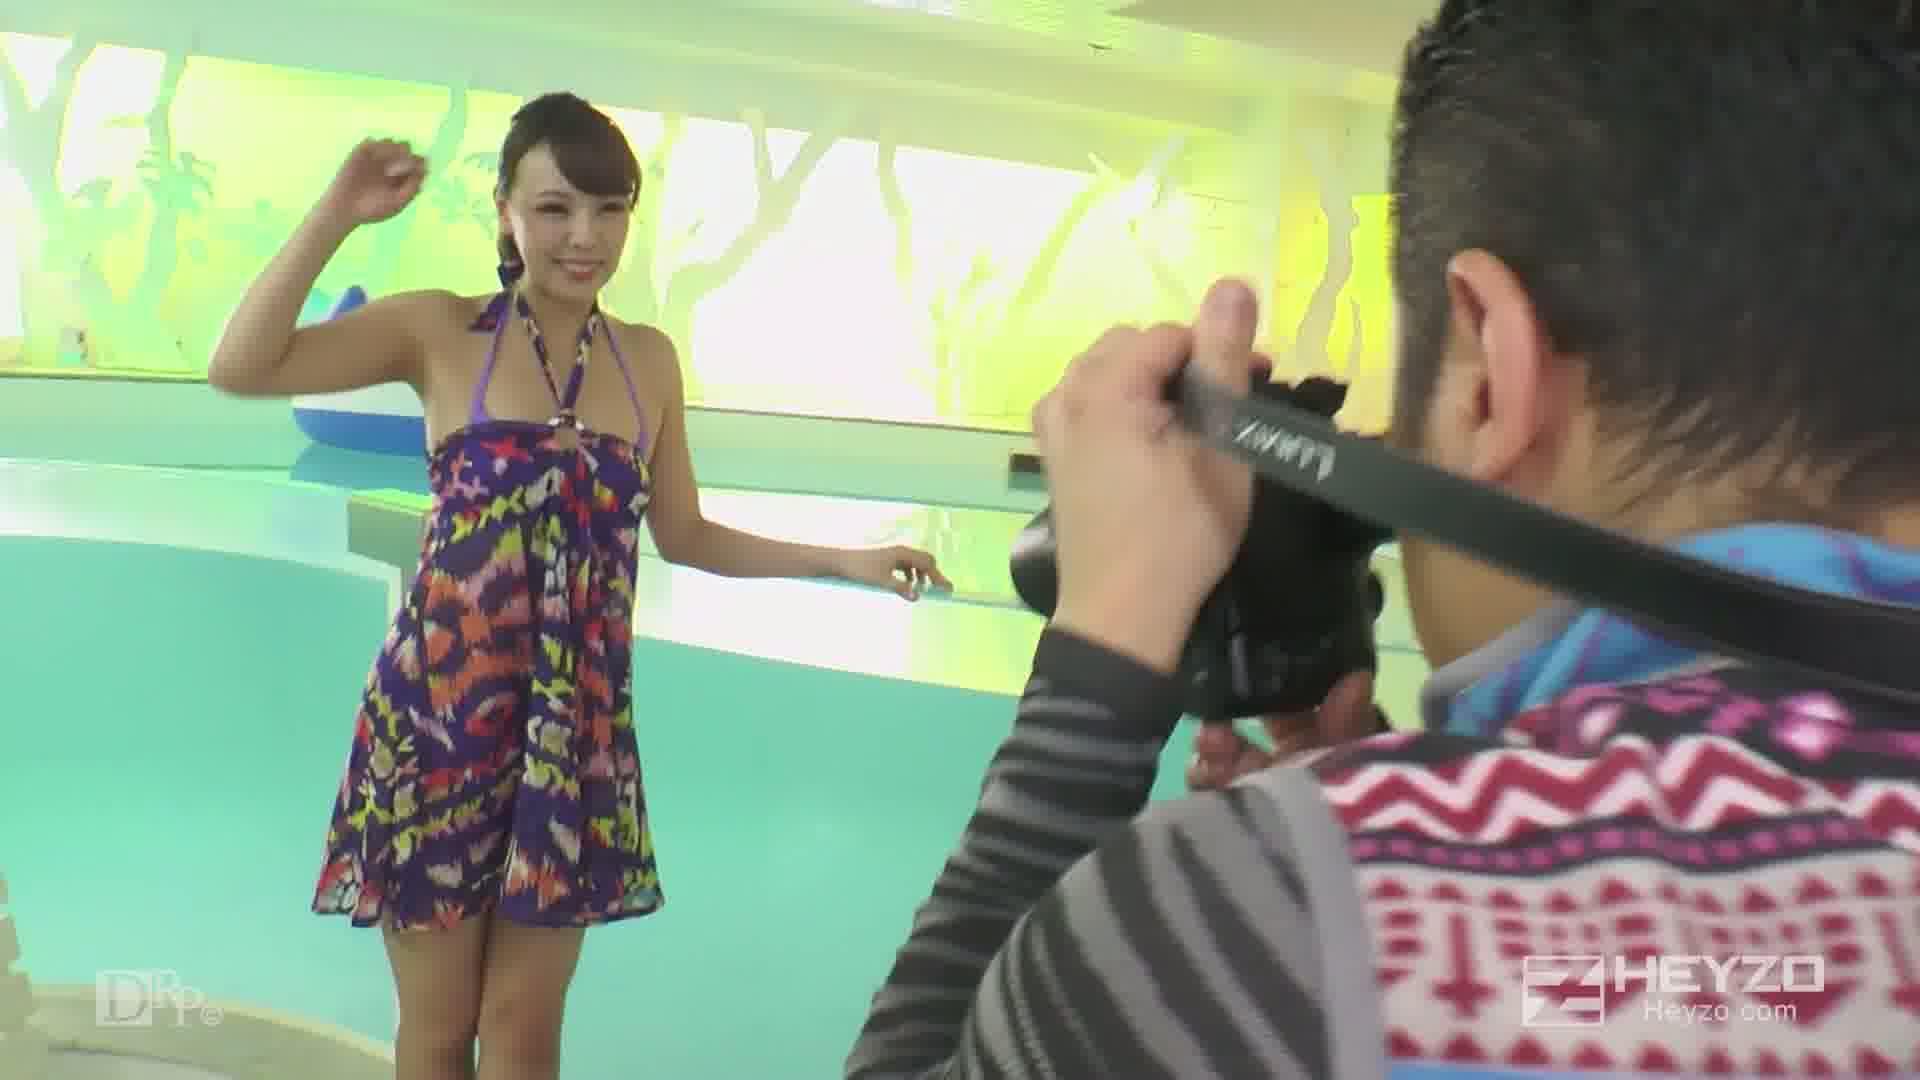 グラビア撮影でハメちゃいました!!~簡単に股を開く近頃のアイドル~ - ルナ Part1【グラビア撮影 シャワー】